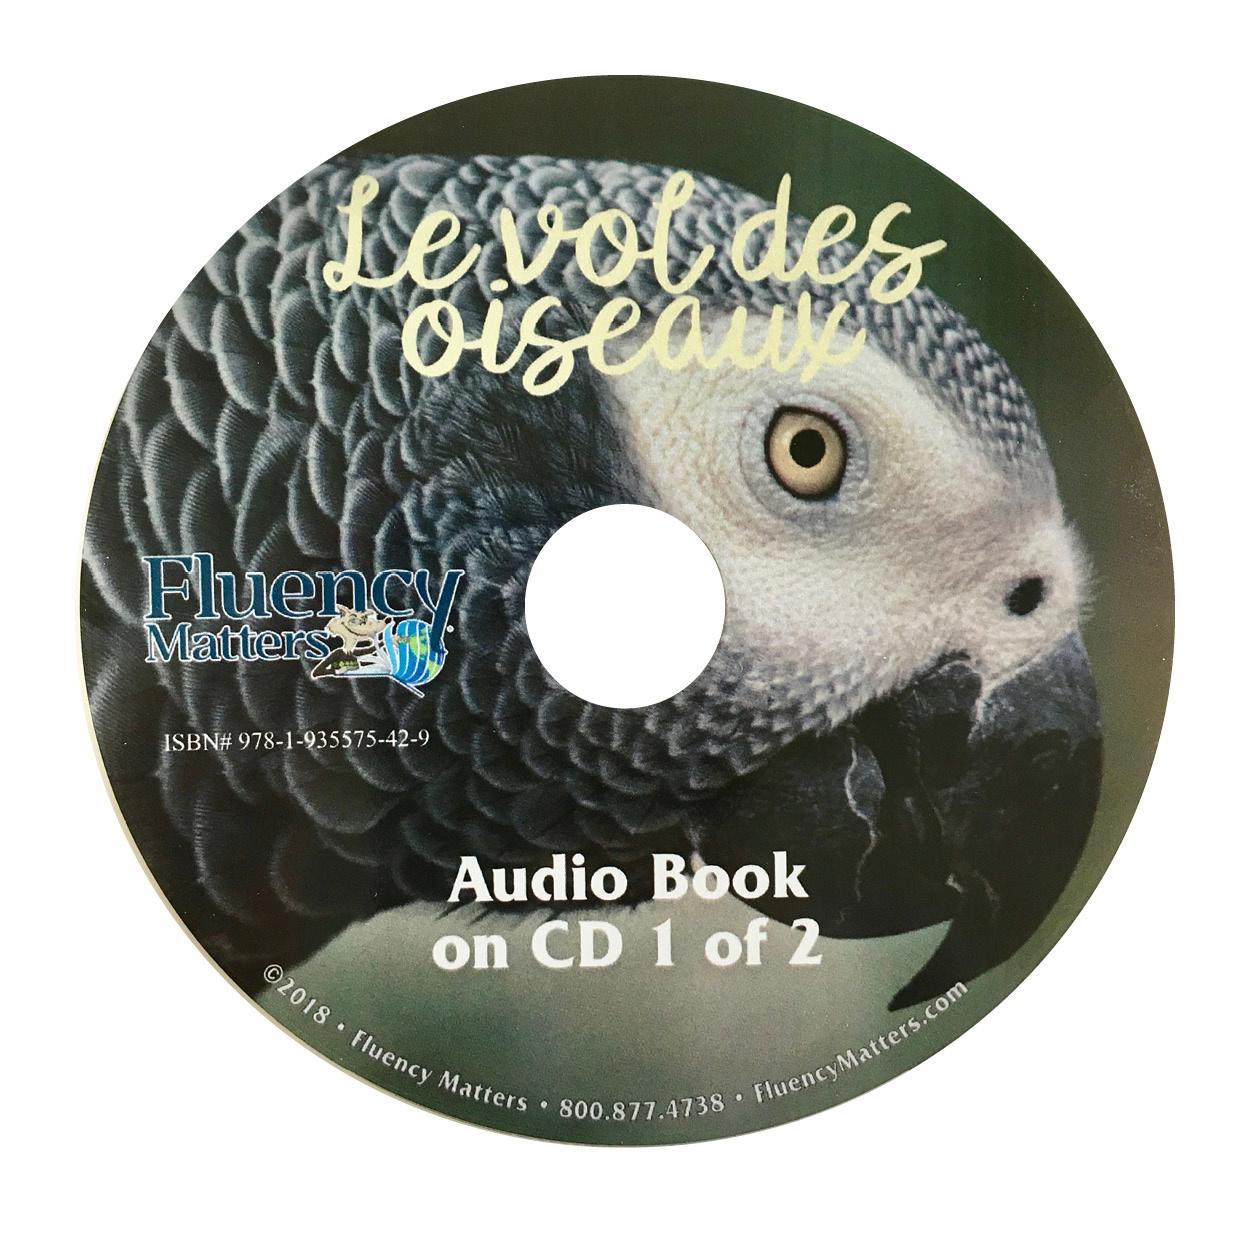 Le vol des oiseaux - Luisterboek